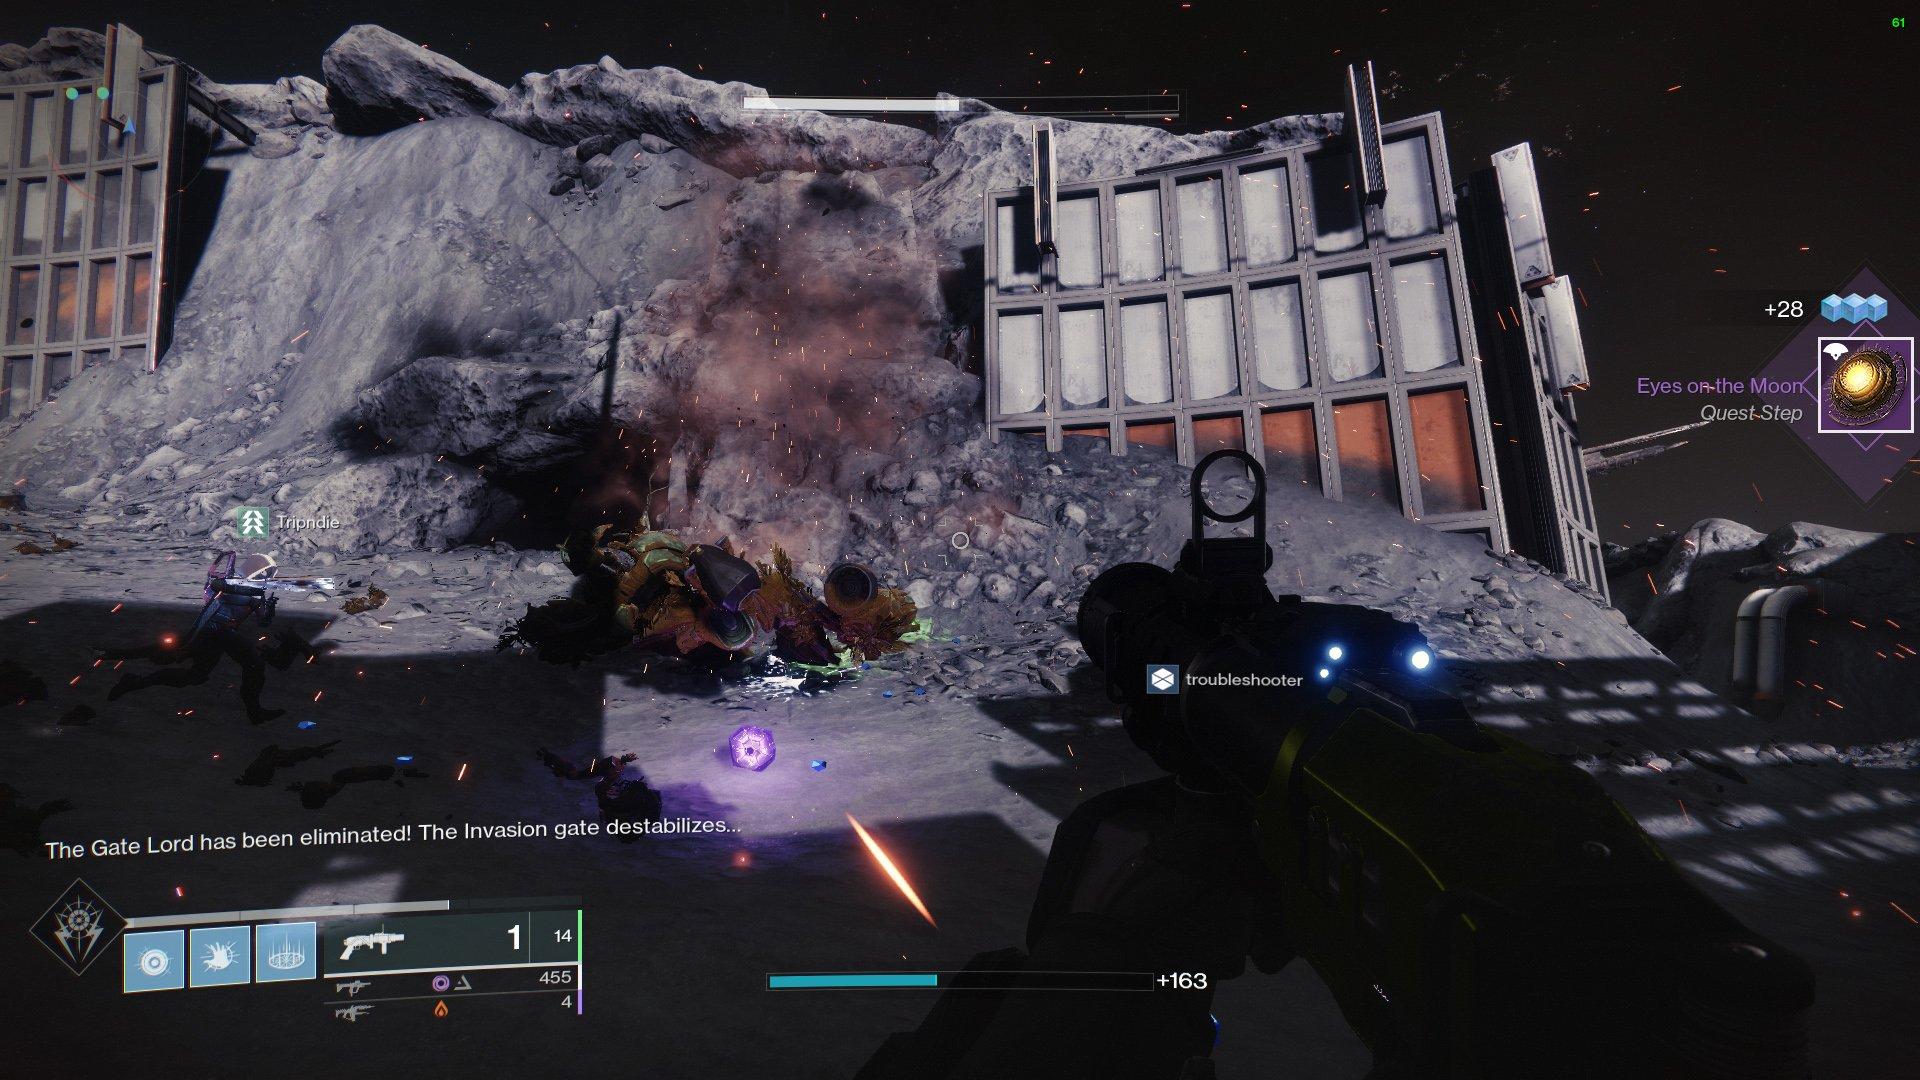 Destiny 2 Eyes on the Moon